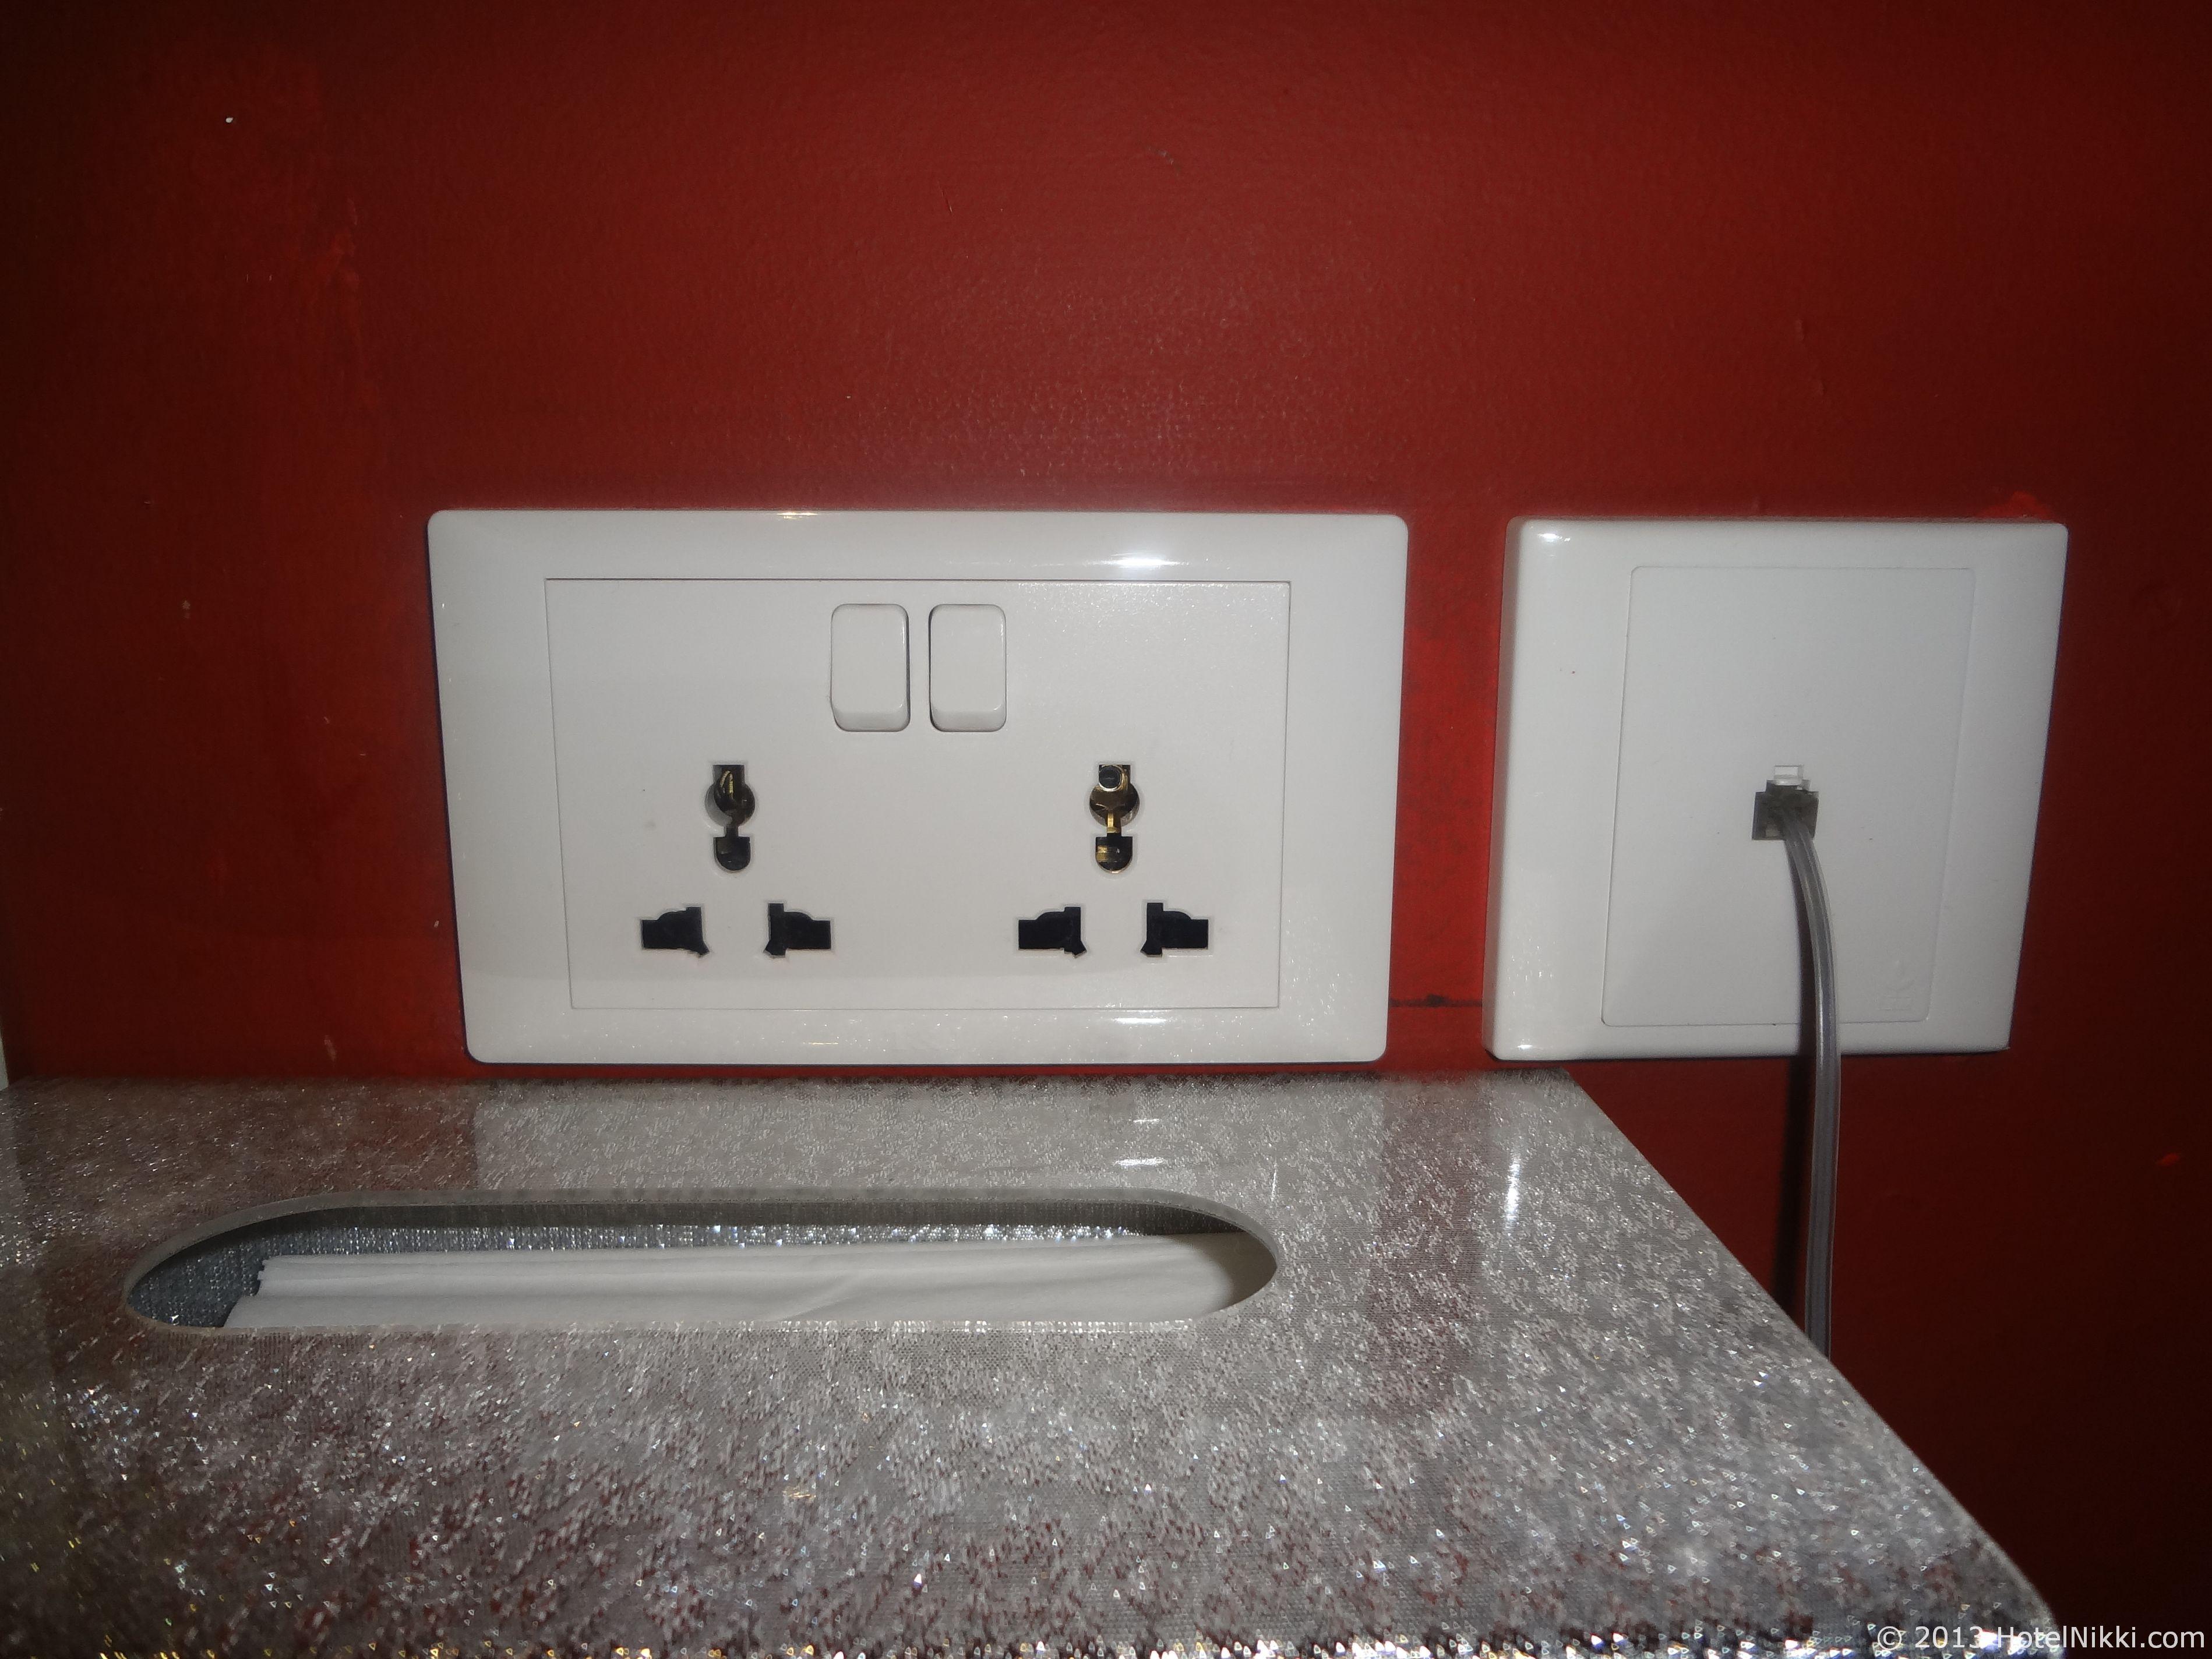 サンタ グランド ホテル ライ チュン エン ユニバーサルタイプのコンセントがデスクに2つ